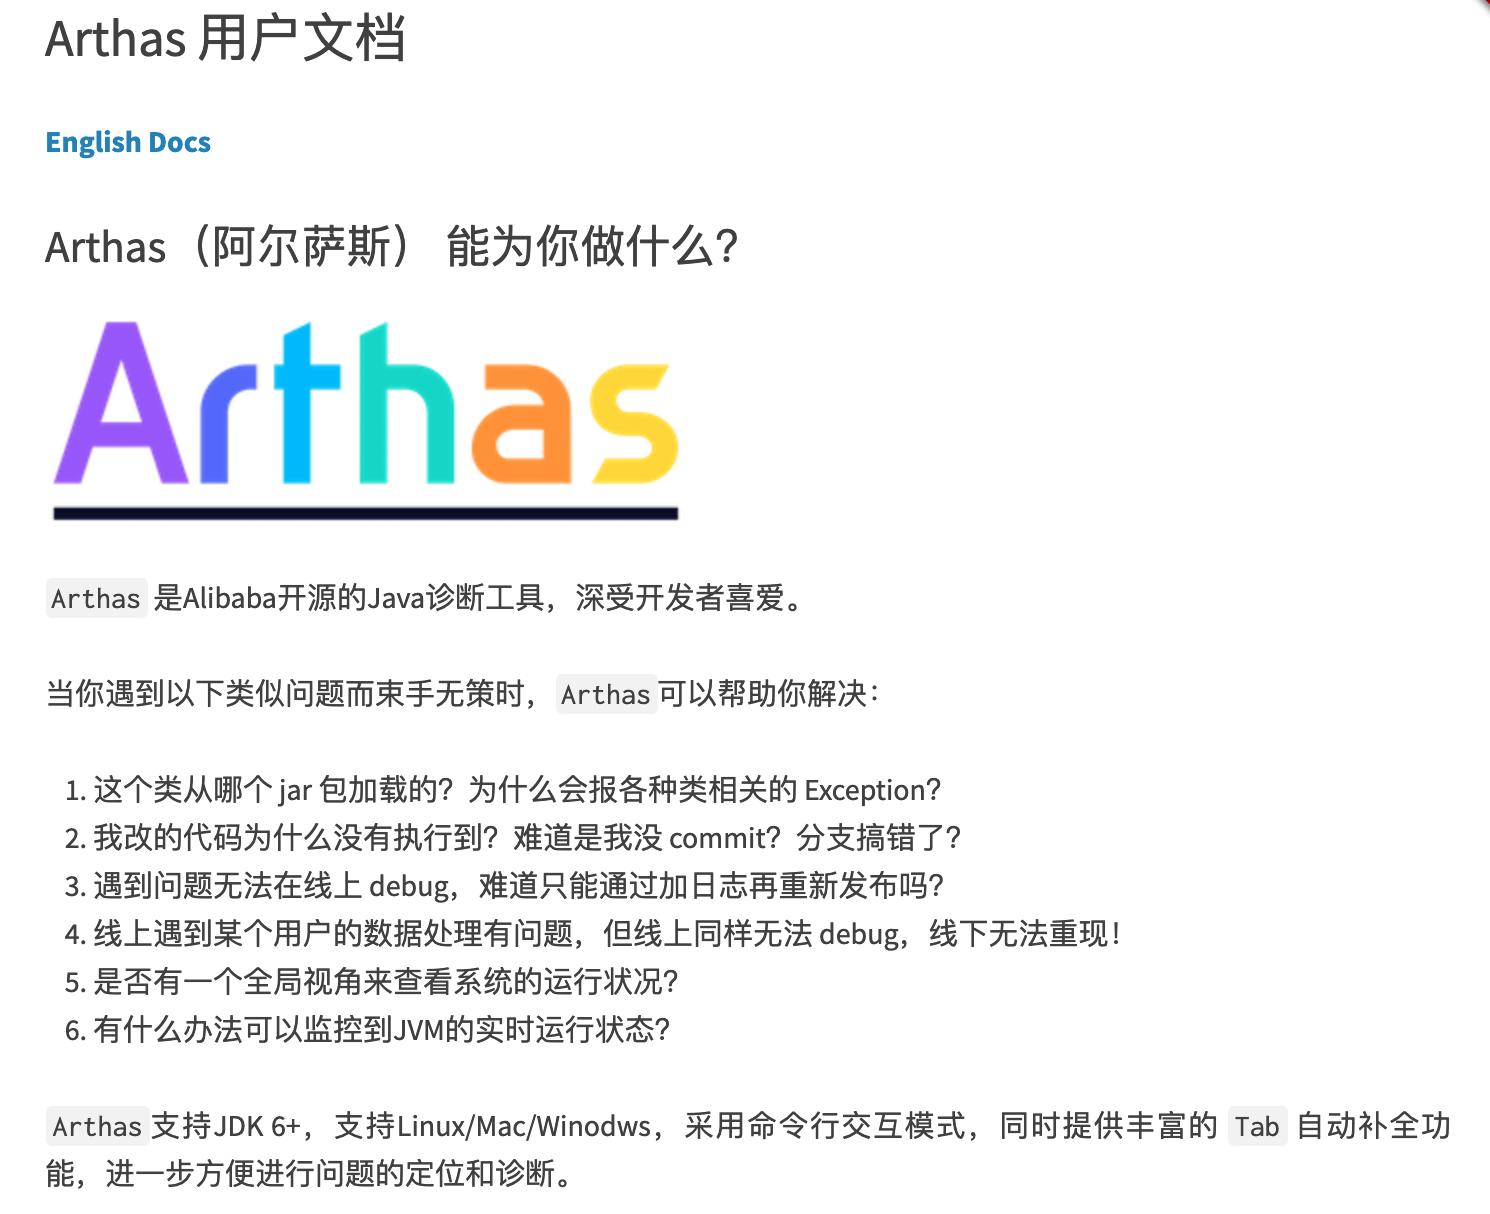 arthas_summary